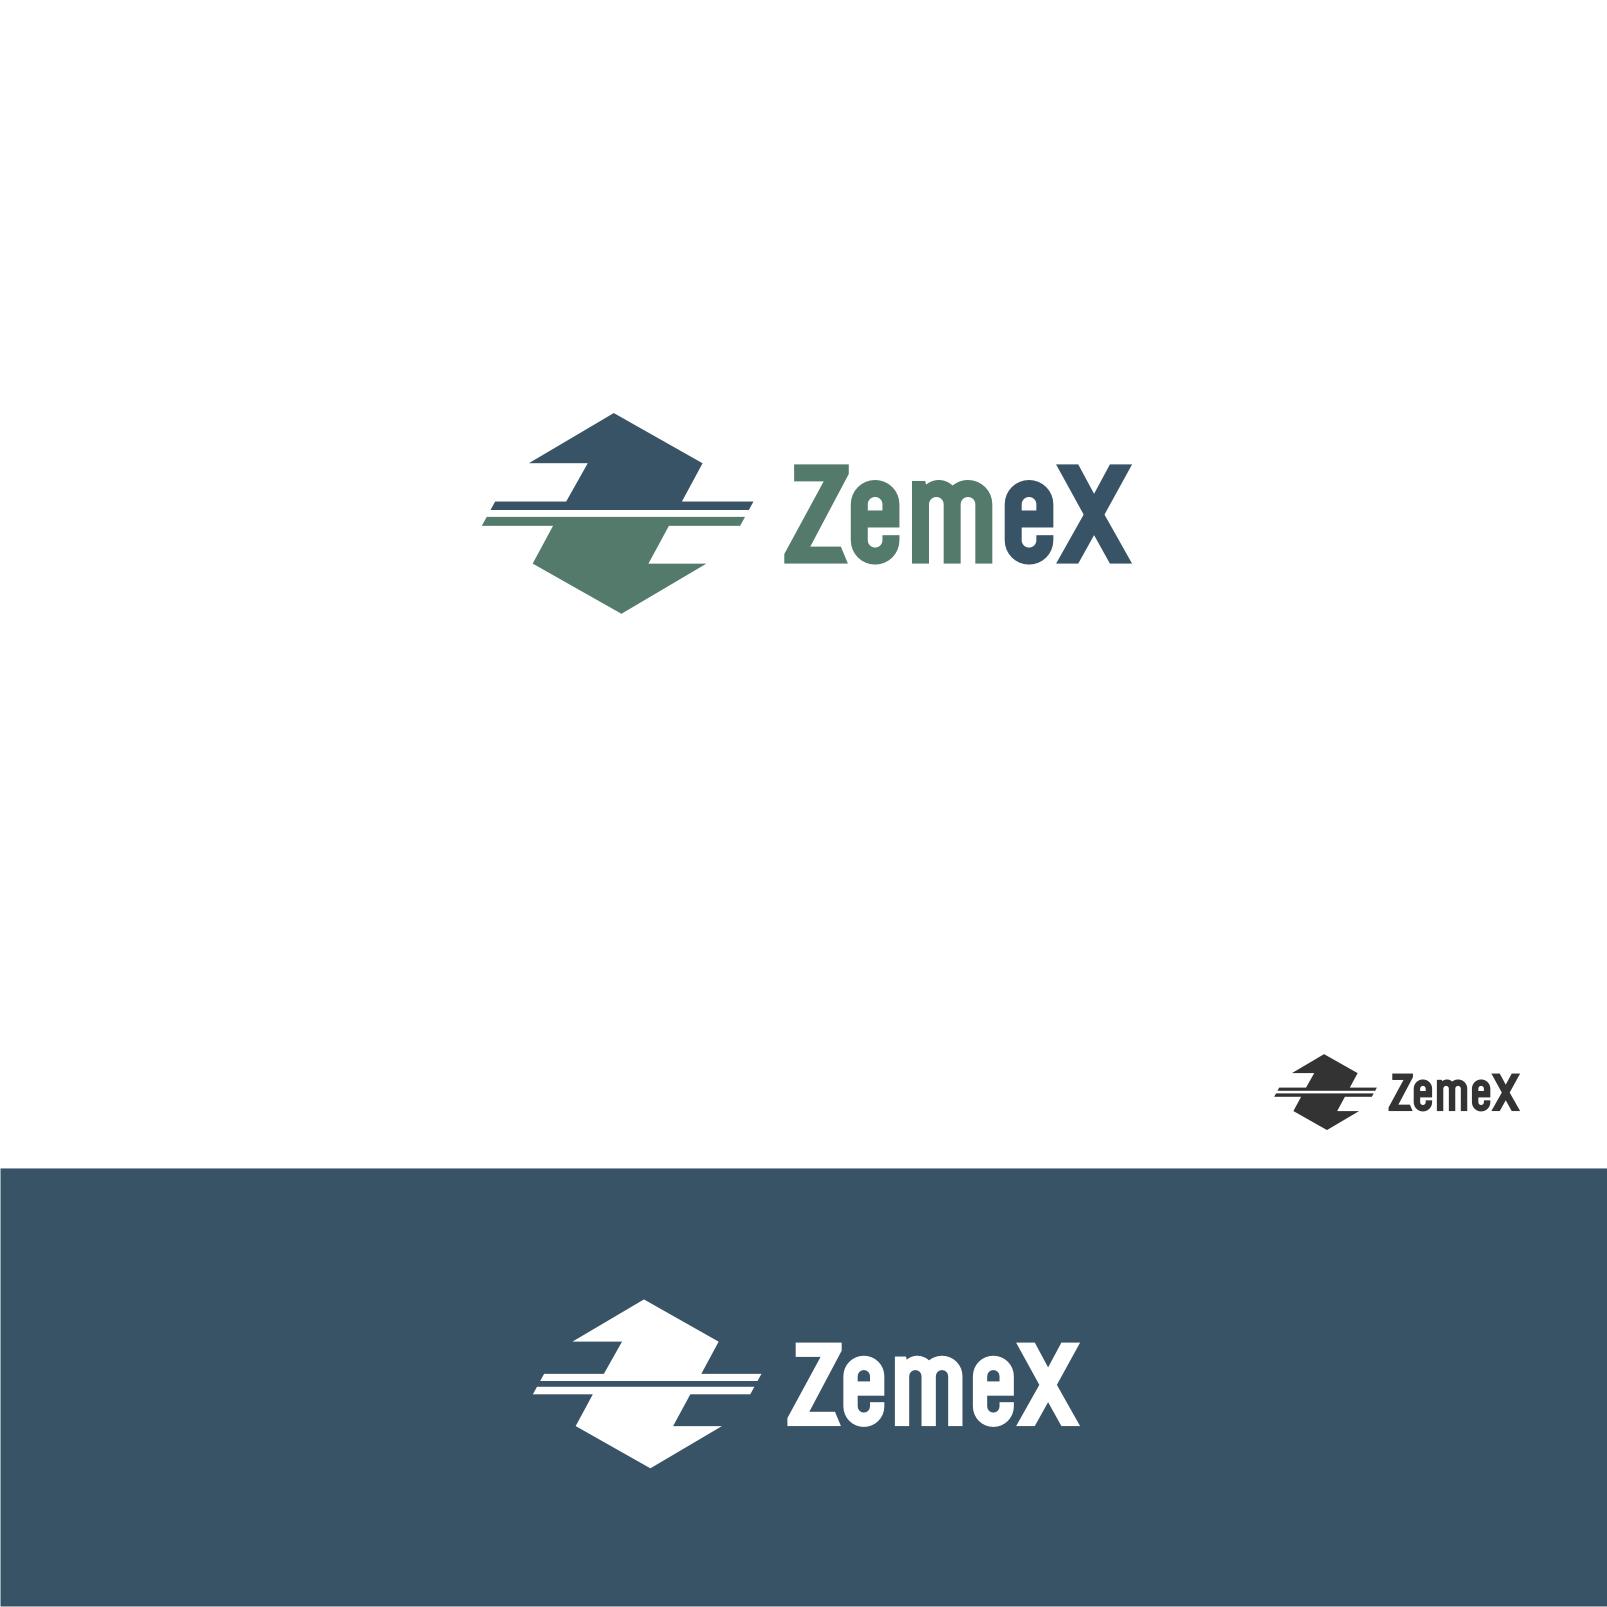 Создание логотипа и фирменного стиля фото f_11359e51c9376462.png